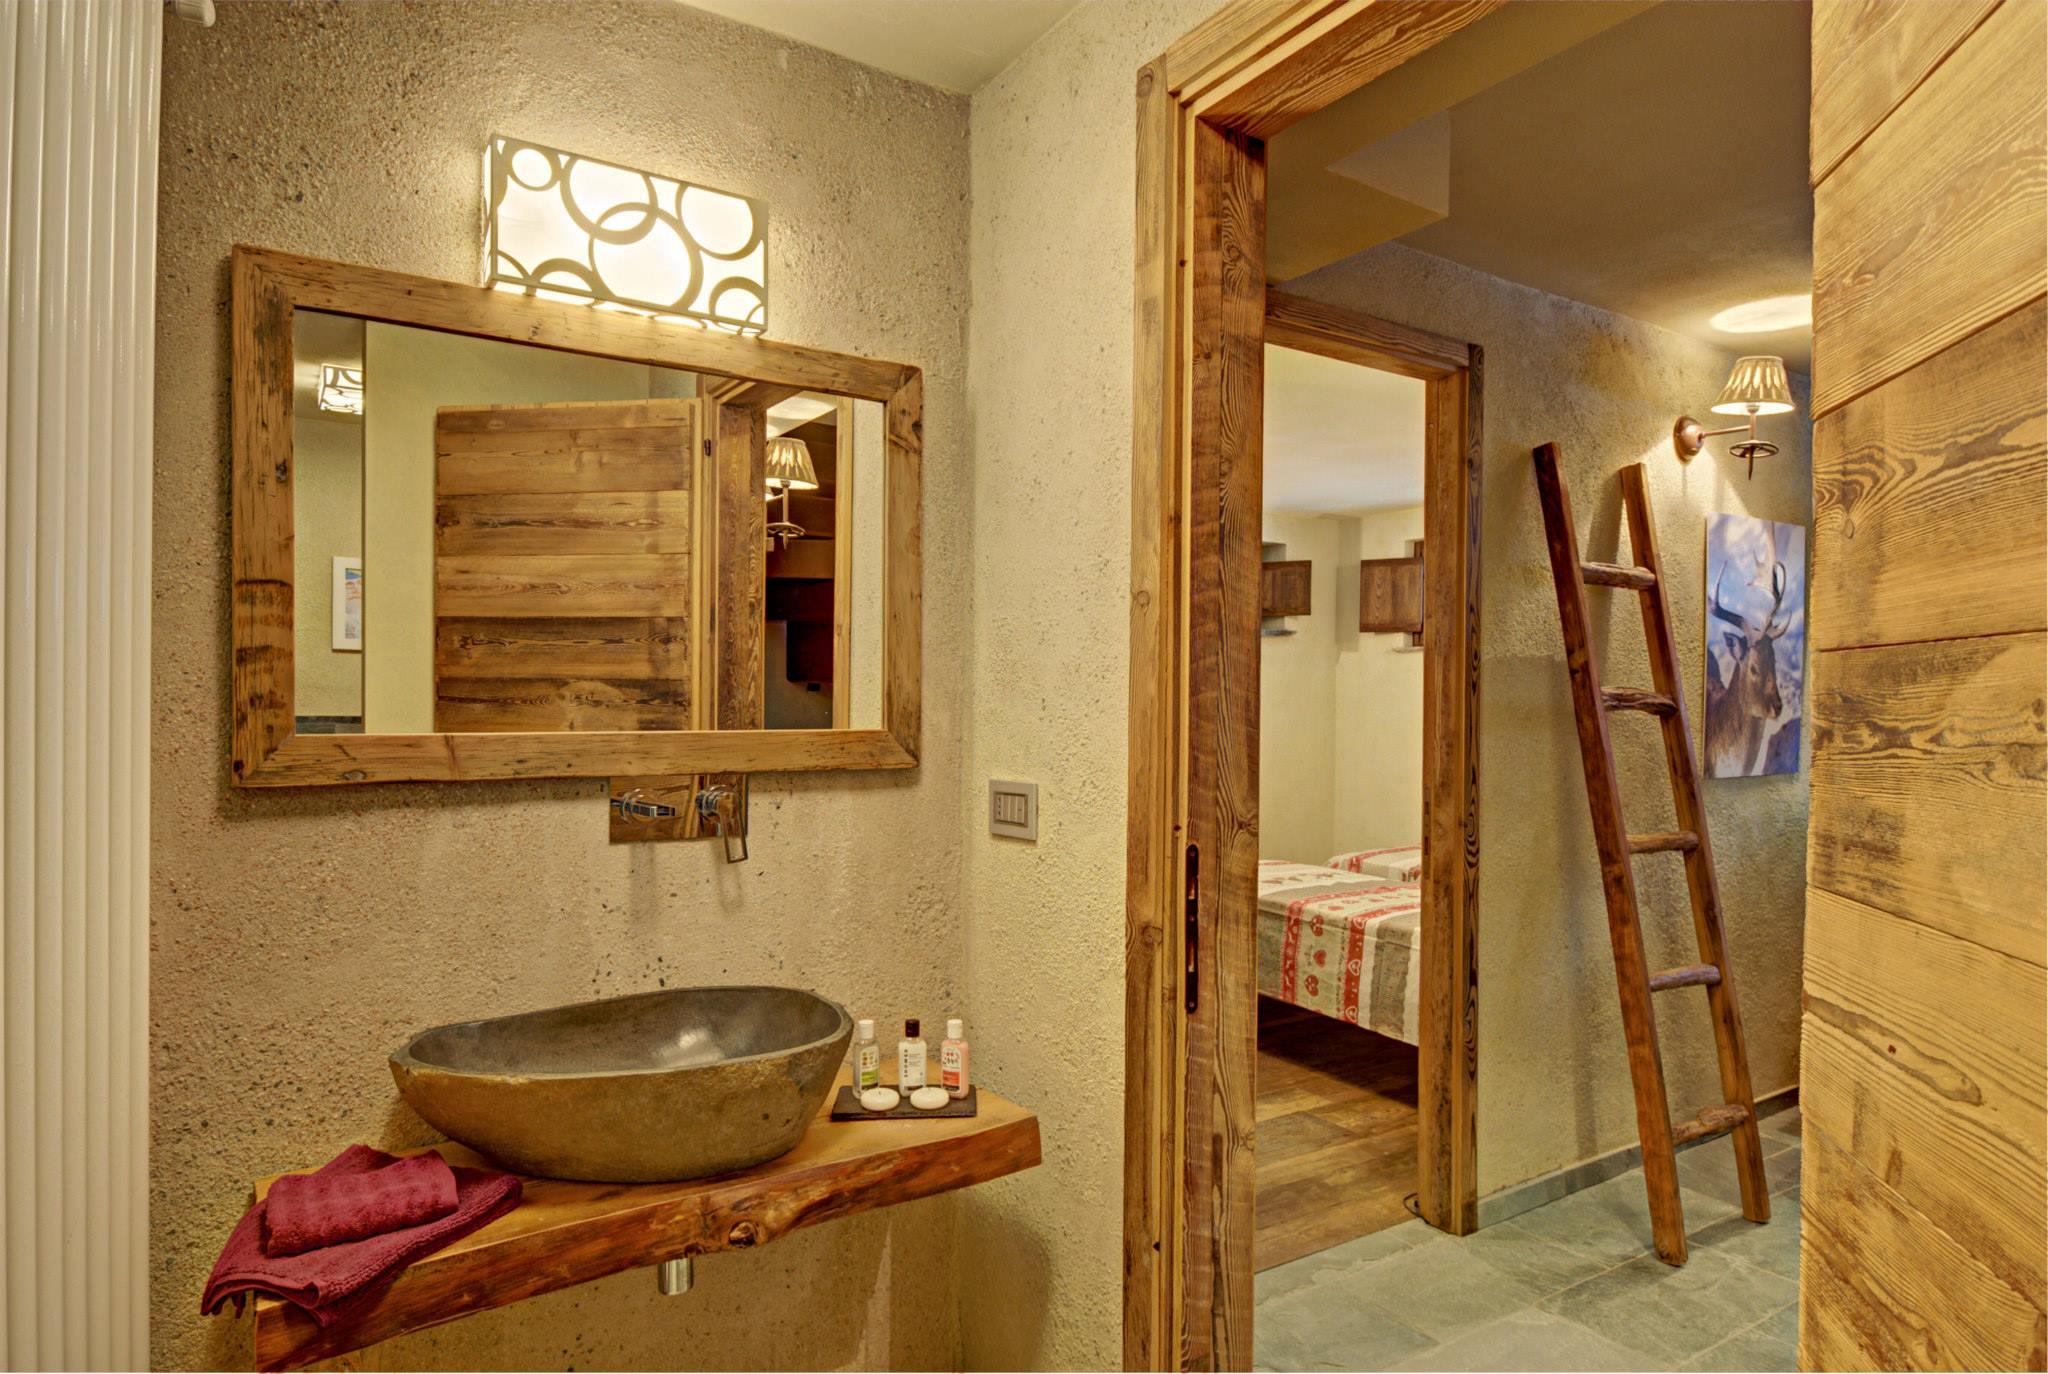 Dise o de interiores r stico uso de madera y piedra for Donde amueblar un piso barato